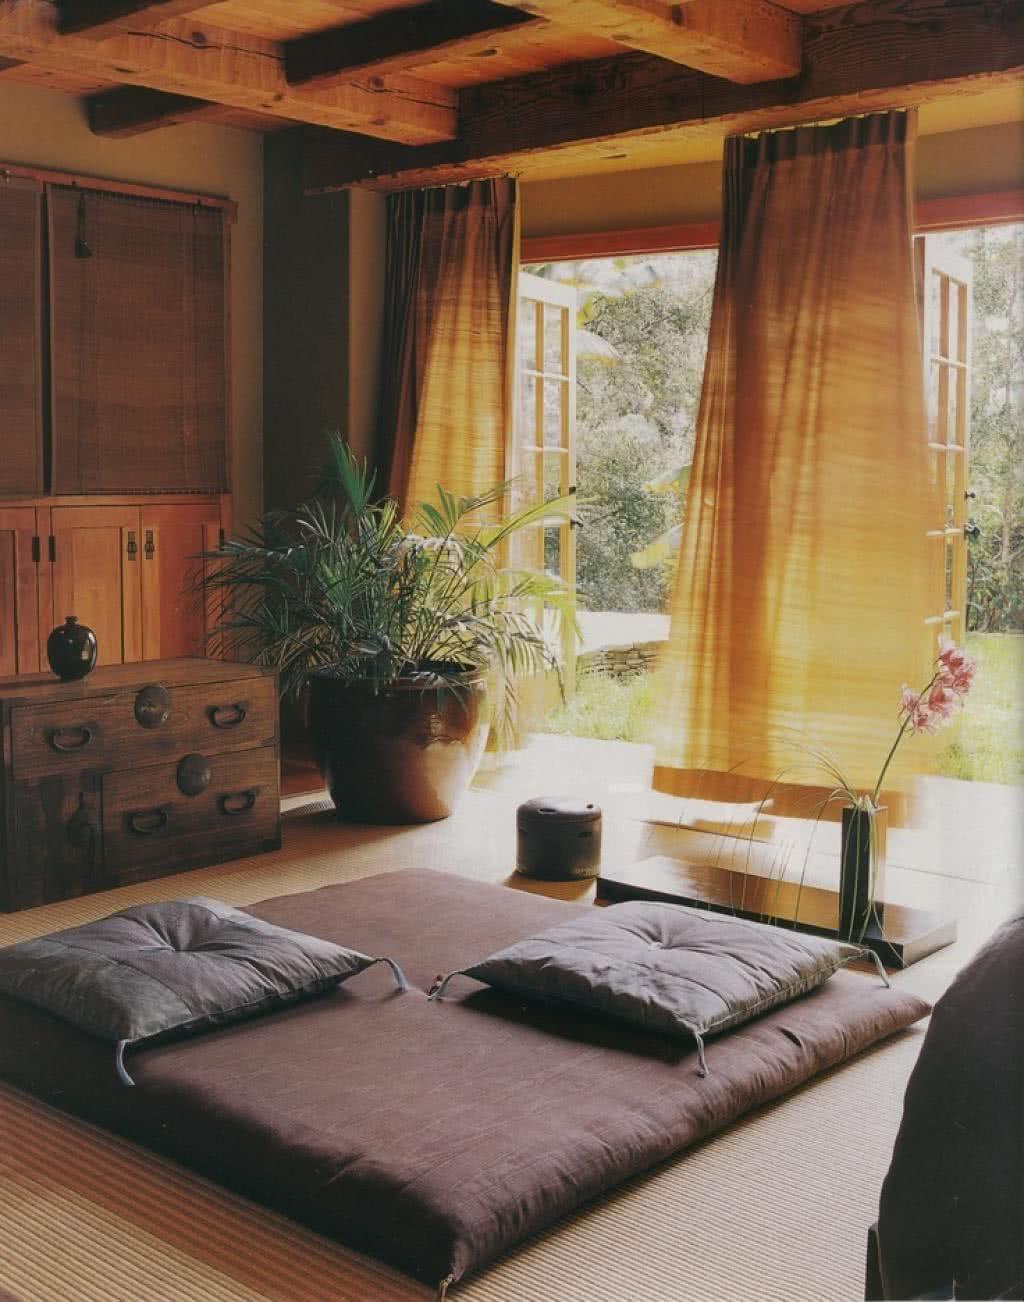 Decoración ZEN en salón con cortinas amarillas, muebles de madera y plantas, con un colchón en el suelo con cojines